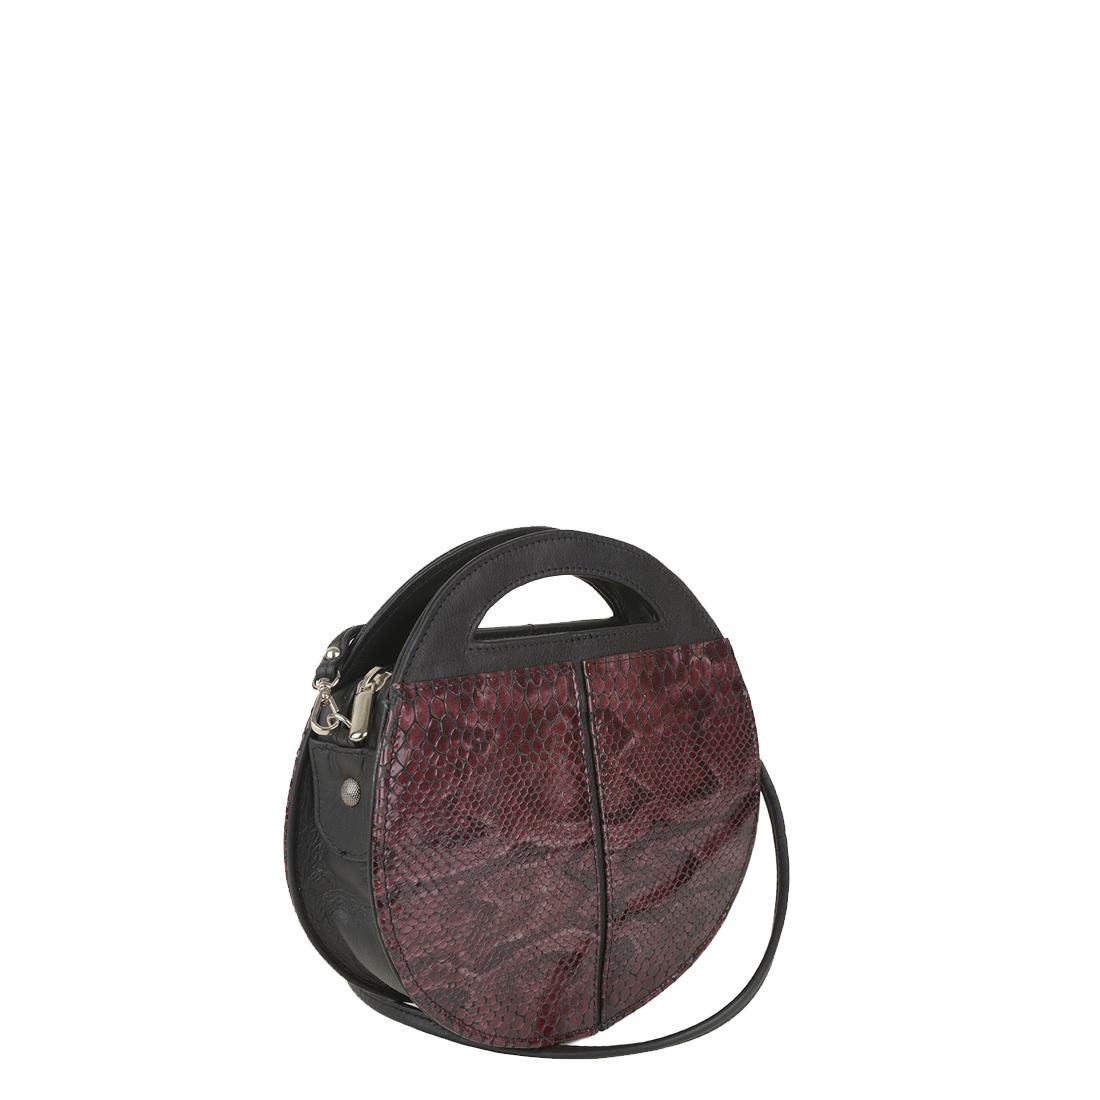 Olivia Plum Python Print  Leather Shoulder Bag